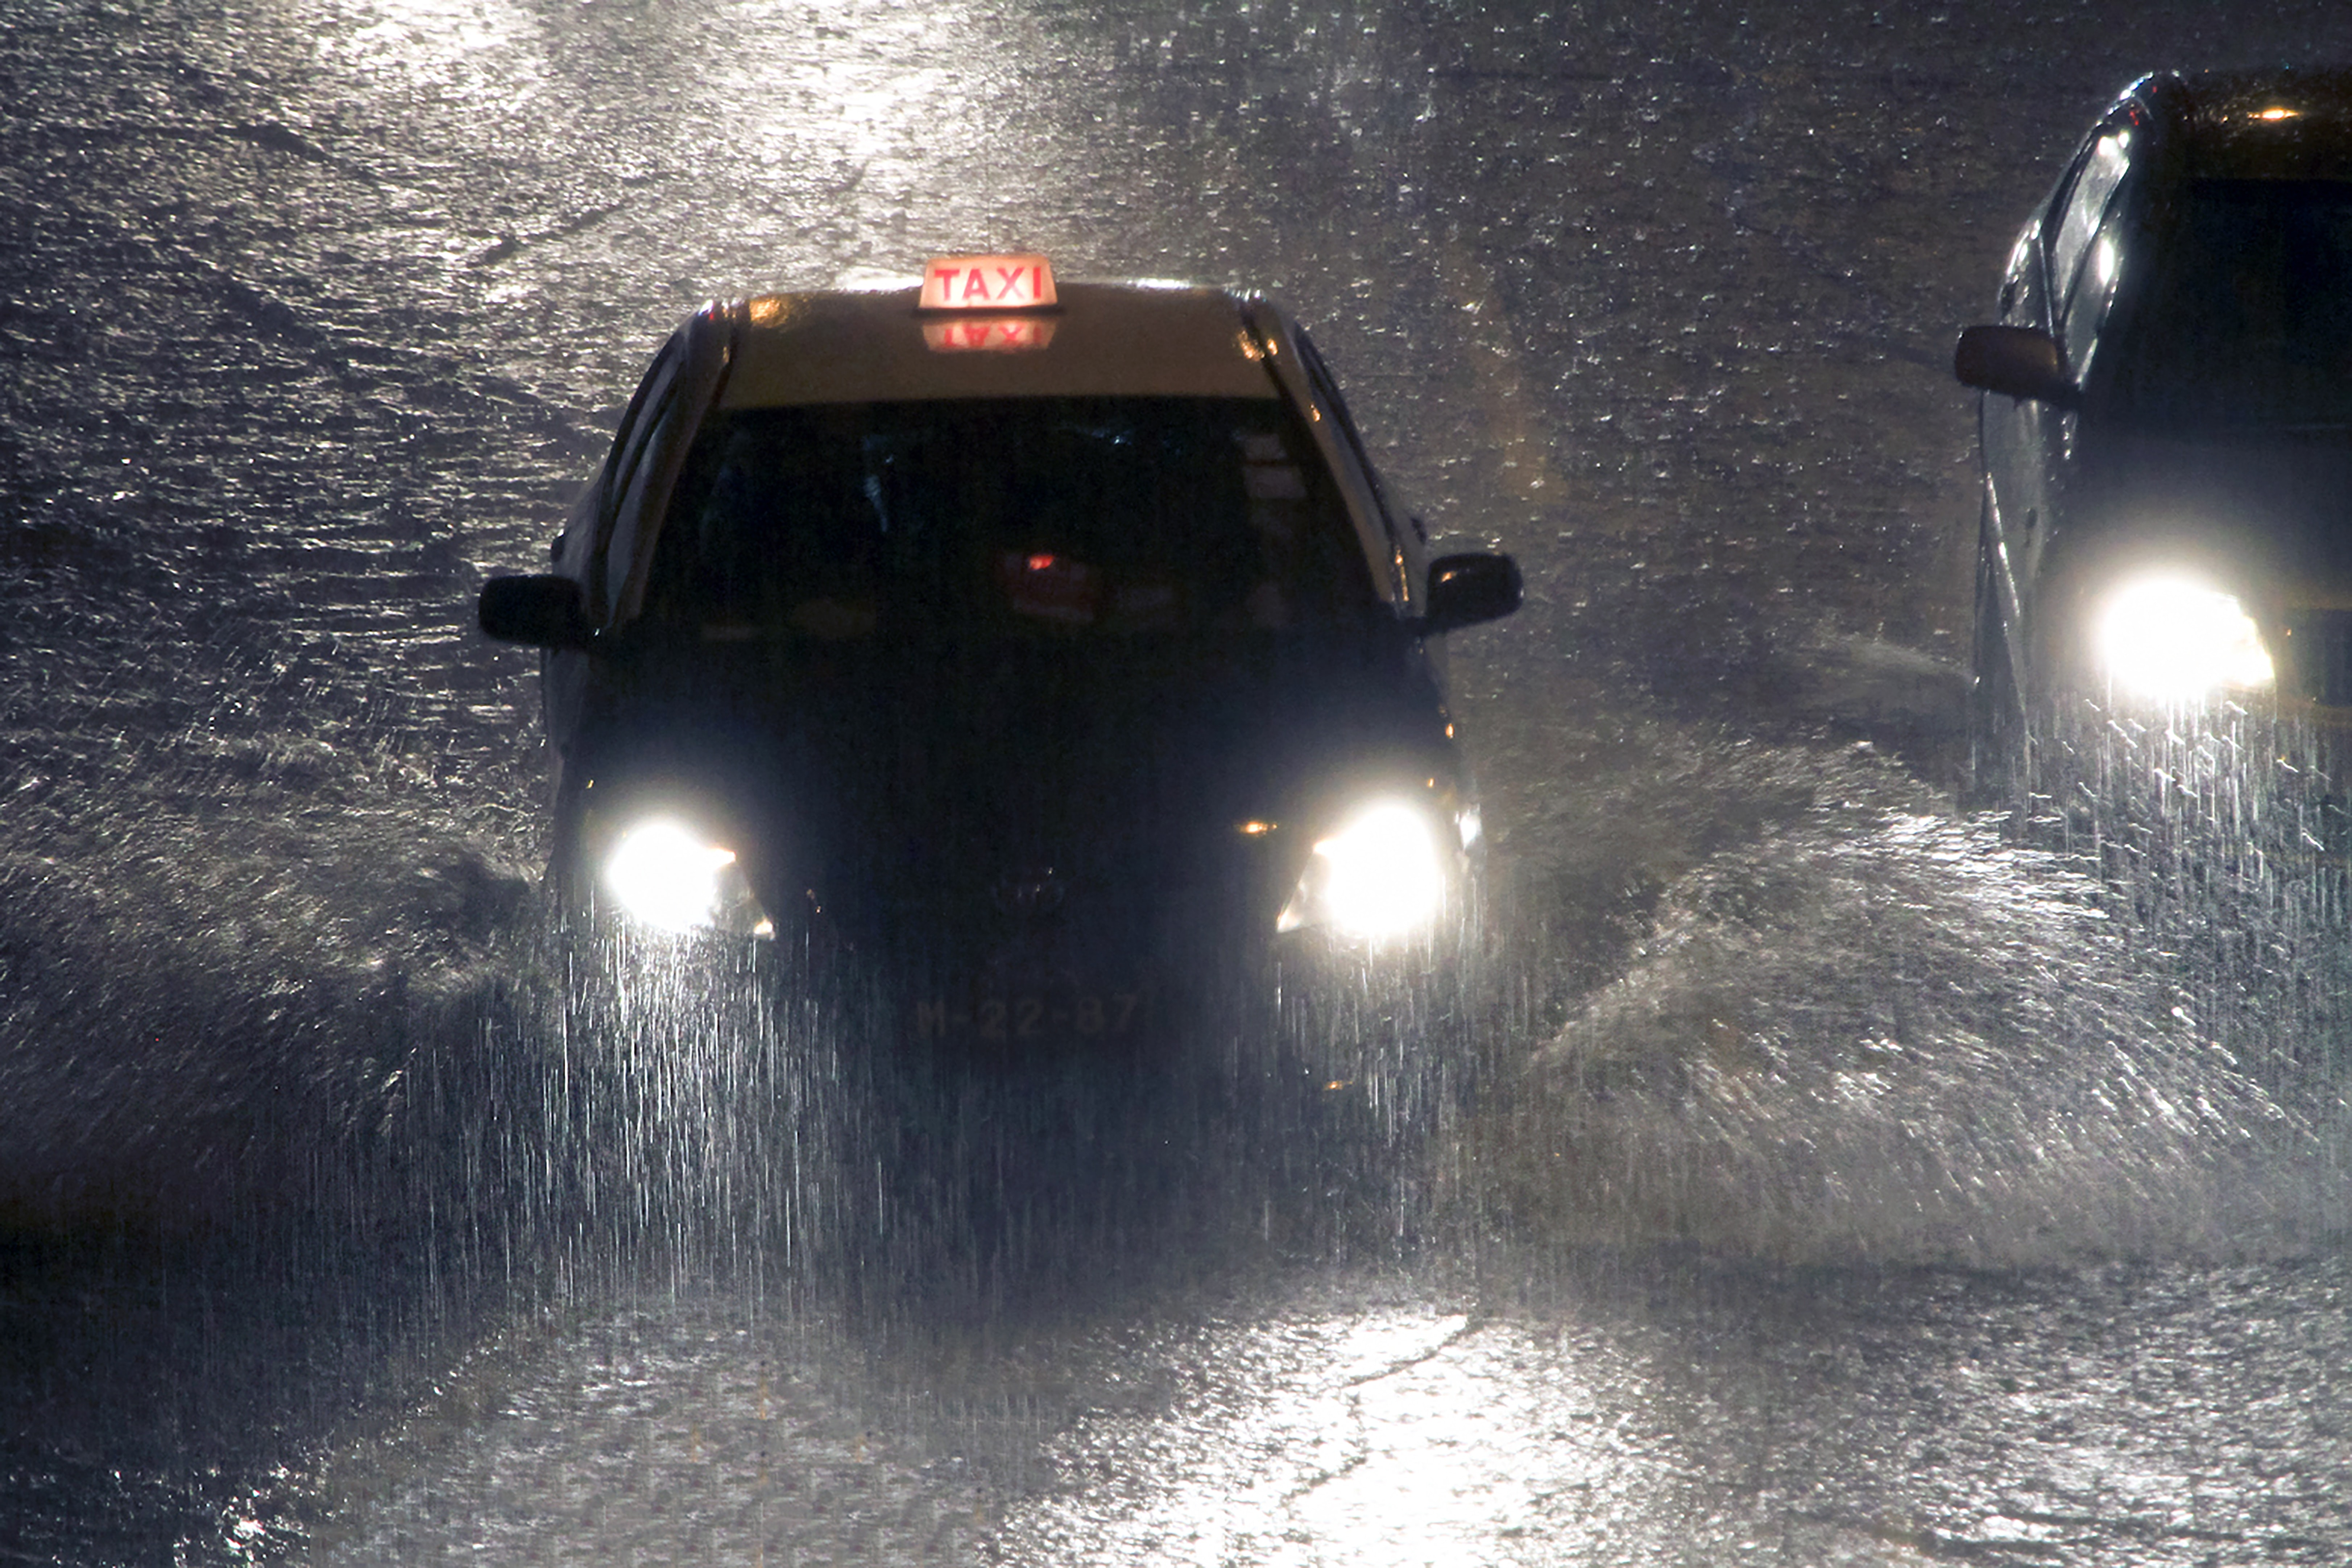 中国的暴雨使比特币最大的矿池哈希率受损高达20% 0001